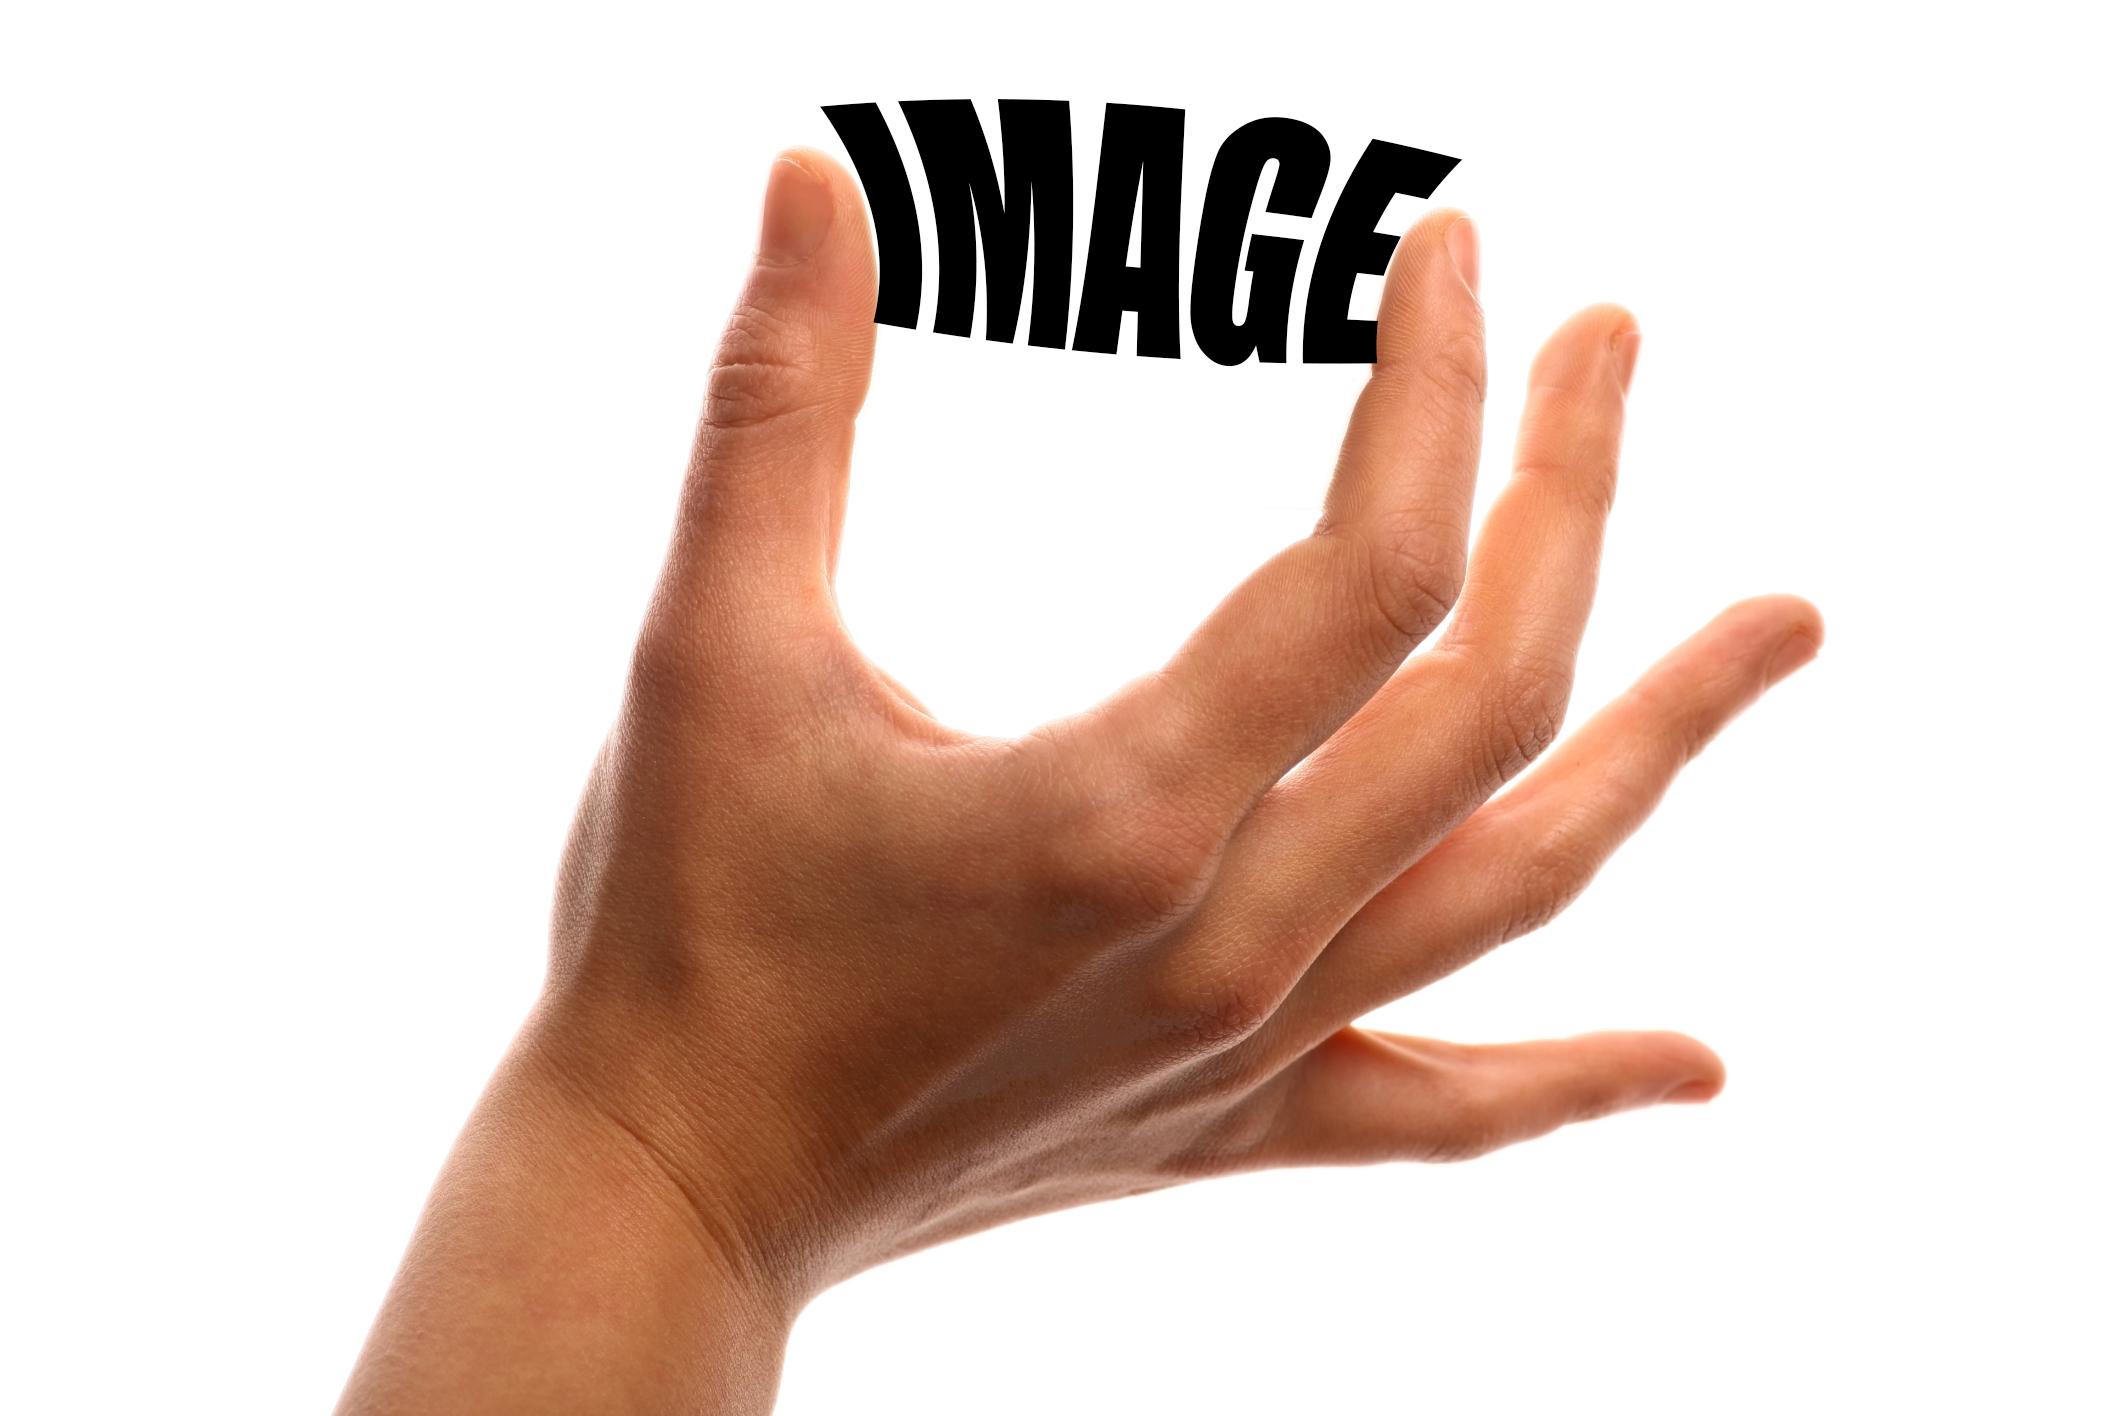 Digital Image Compression